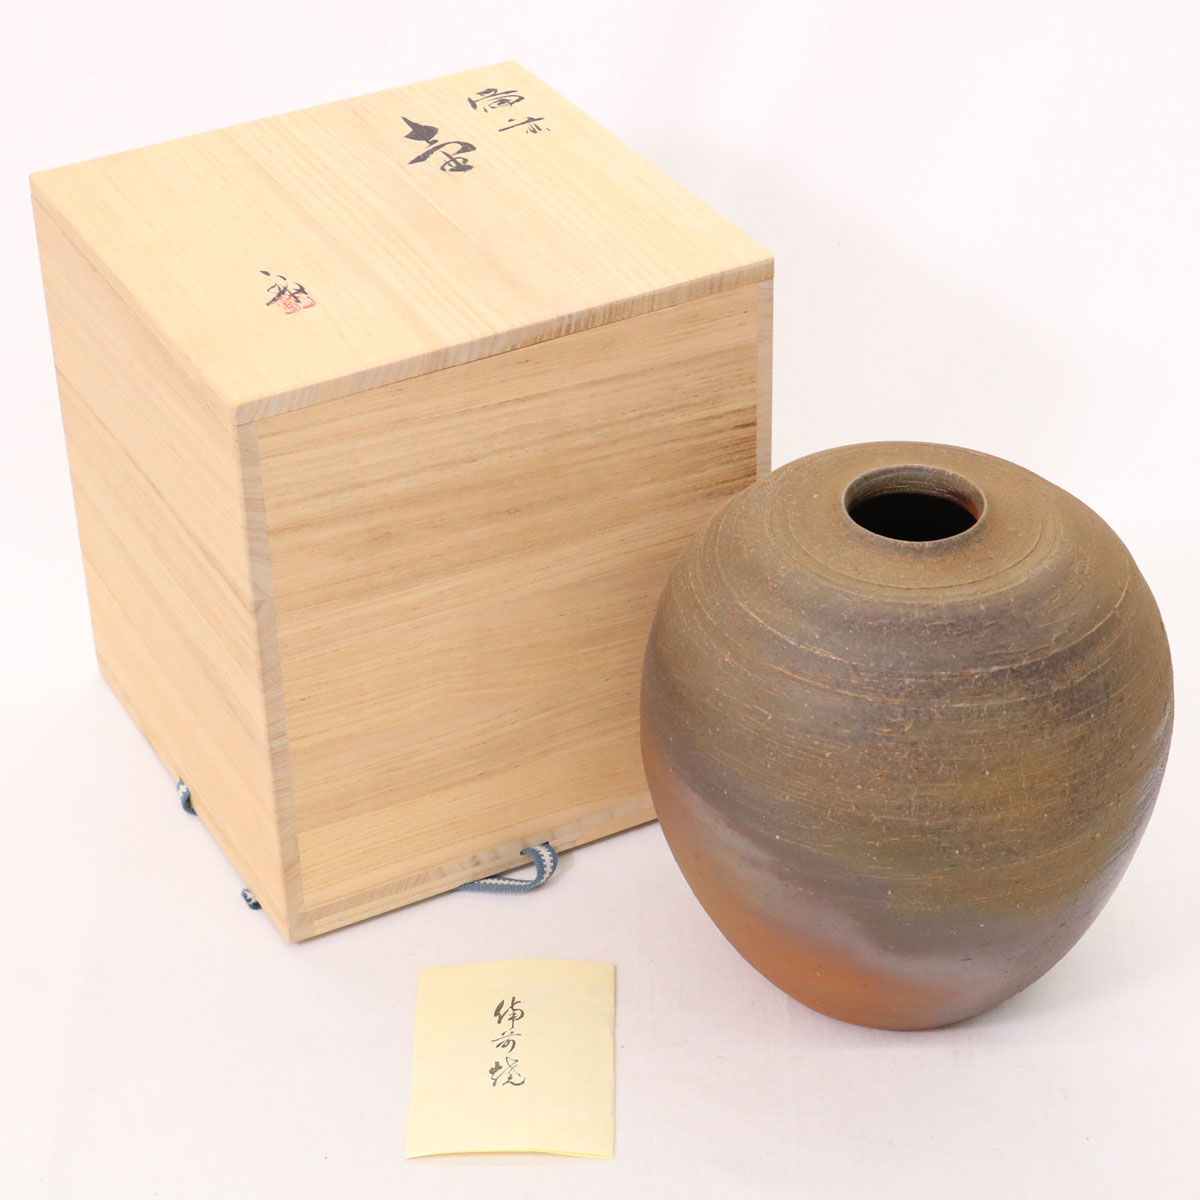 【中古】☆備前焼 高原敏 壺 つぼ 木箱 共箱付 ☆ 17415-KY1018